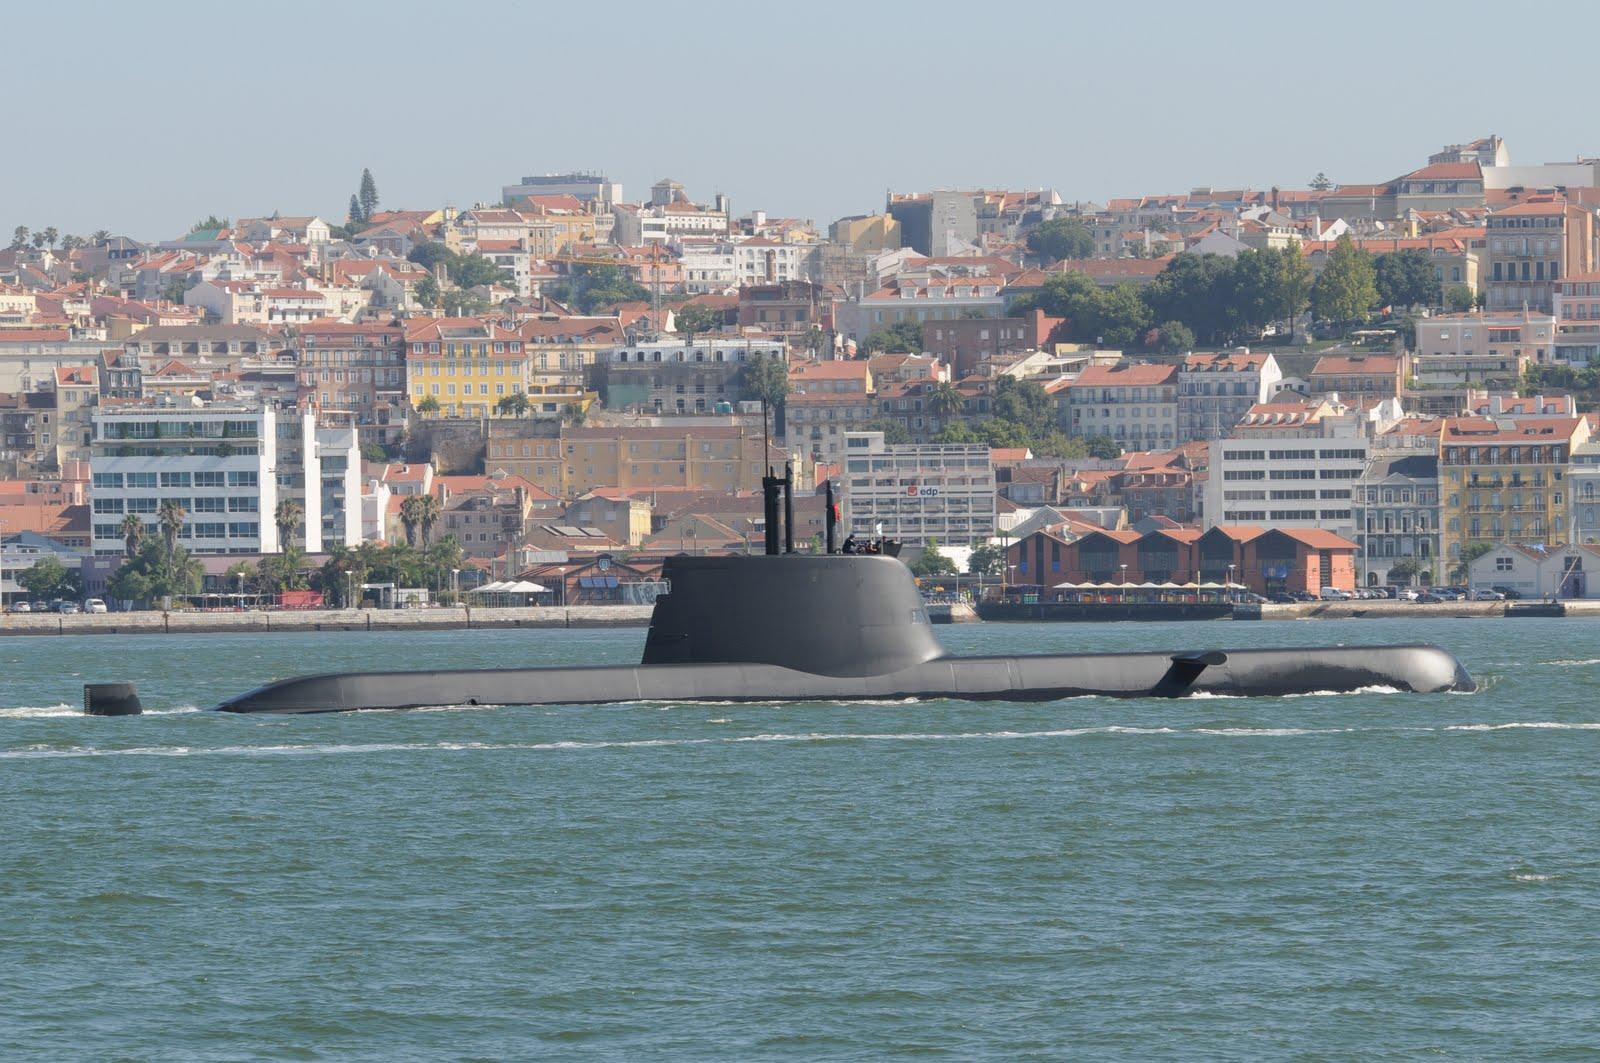 Forças Armadas Portuguesas/Portuguese Armed Forces - Page 2 NRP+TRIDENTE+2010-08-02+%C2%A9+Lu%C3%ADs+Miguel+Correia+4991